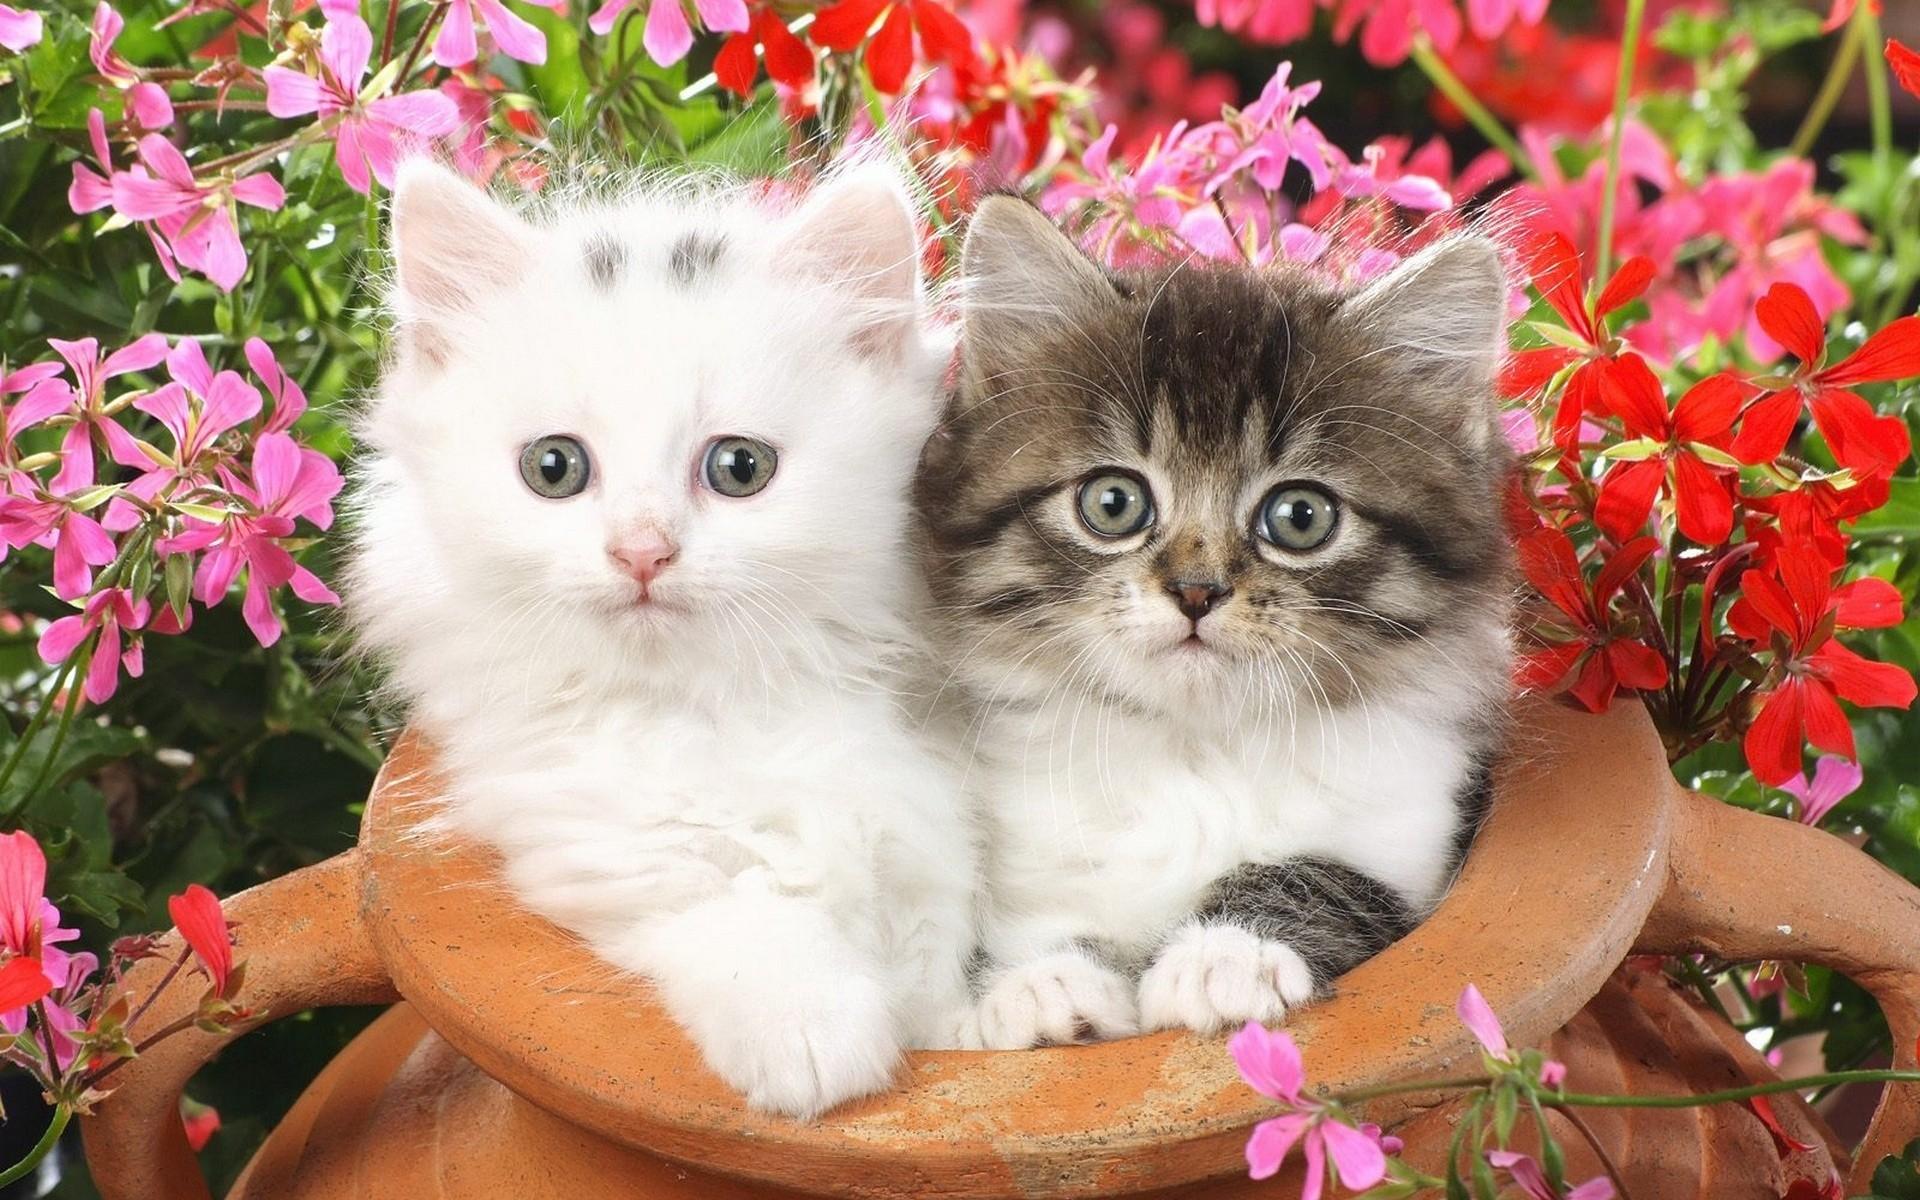 природа животные котята коты  № 1999775 загрузить